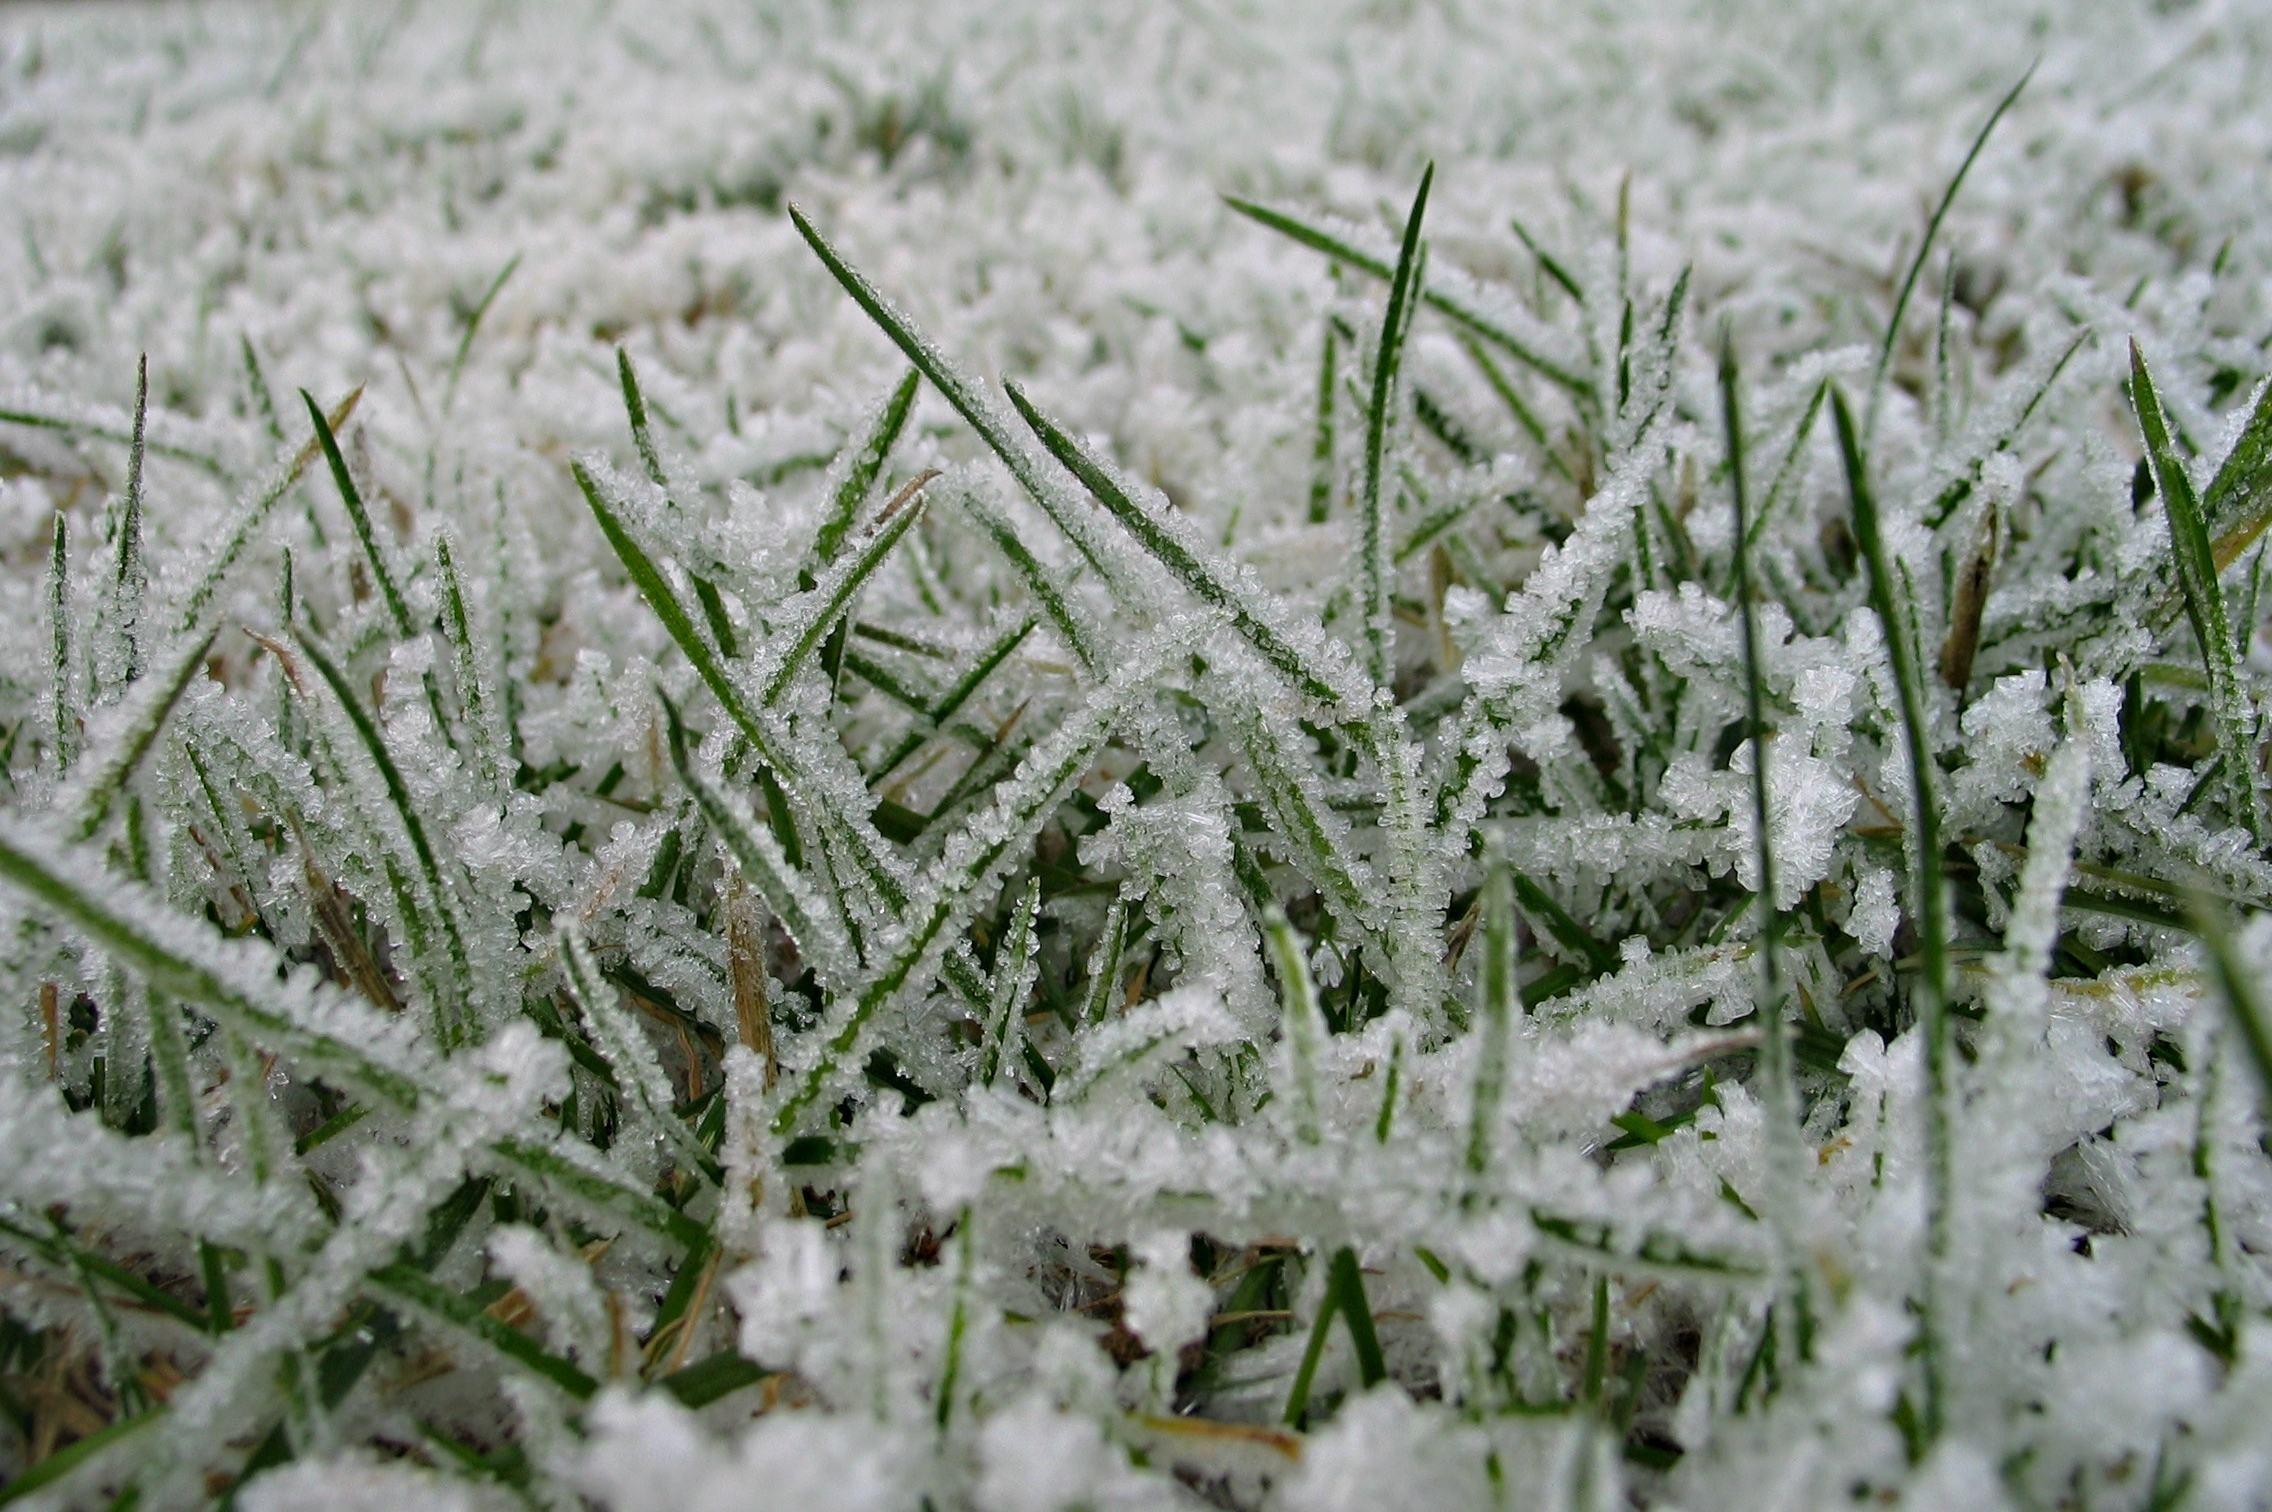 Winter Proof Your Rental Properties - https://roomslocal.co.uk/blog/winter-proof-your-rental-properties #proof #rental #properties